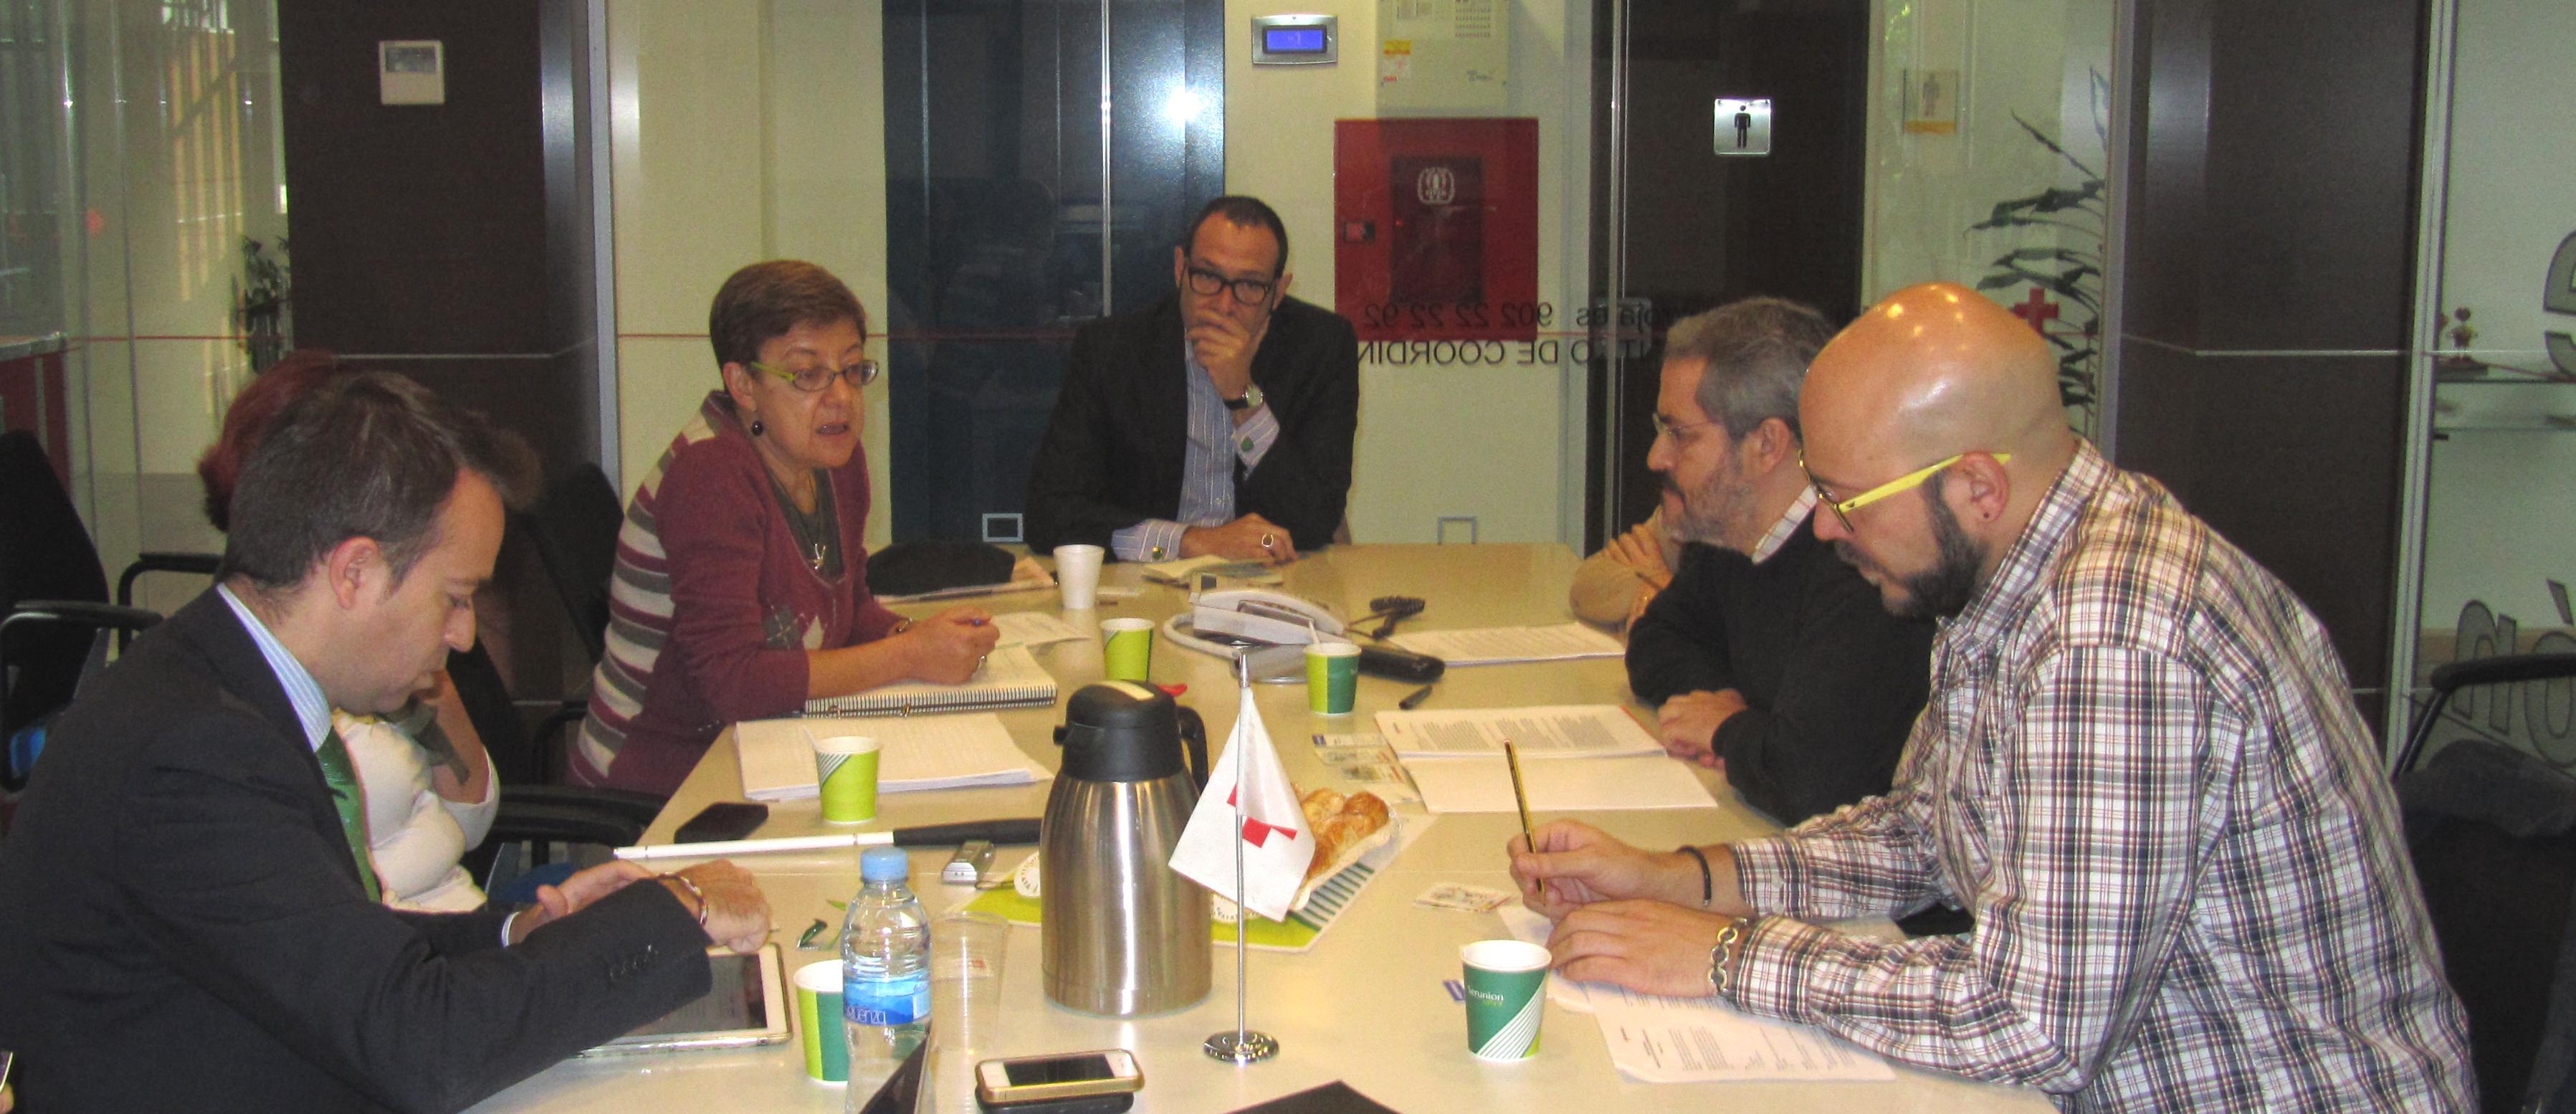 Diálogo por la inclusión laboral